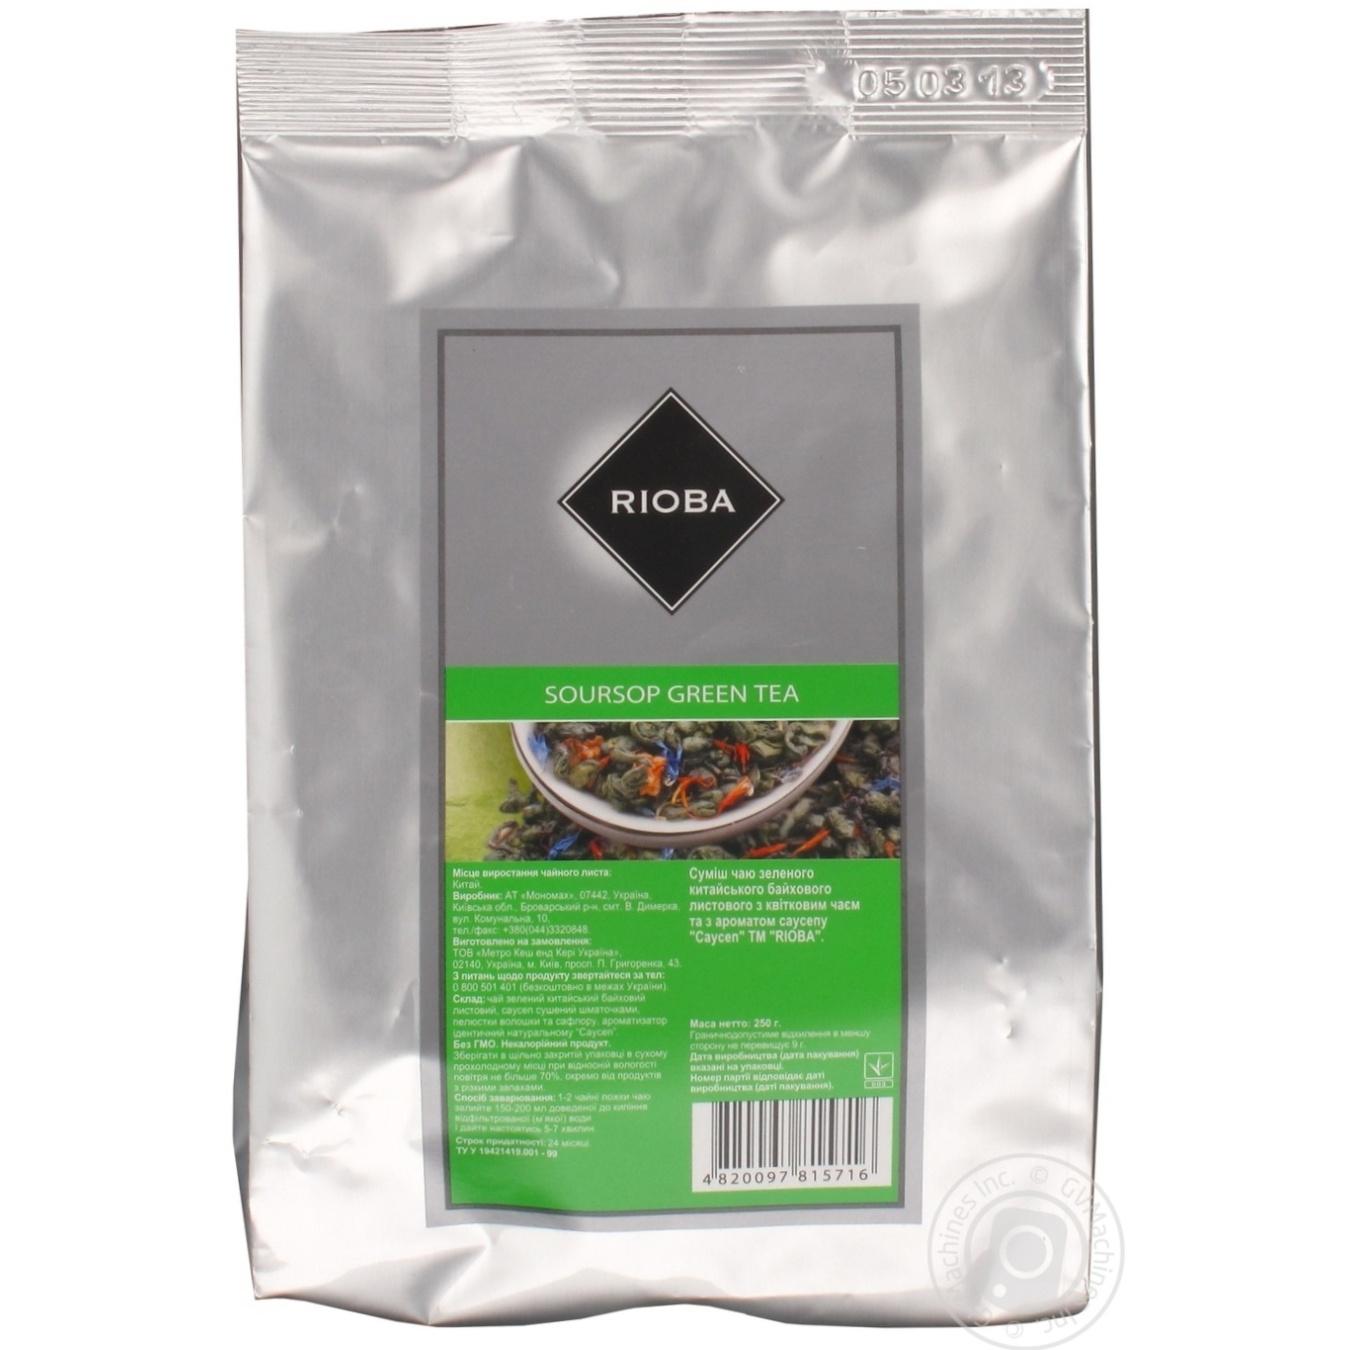 Купить Чай Риоба Саусеп китайский зеленый байховый листовой с цветочным чаем с ароматом саусепа 250г